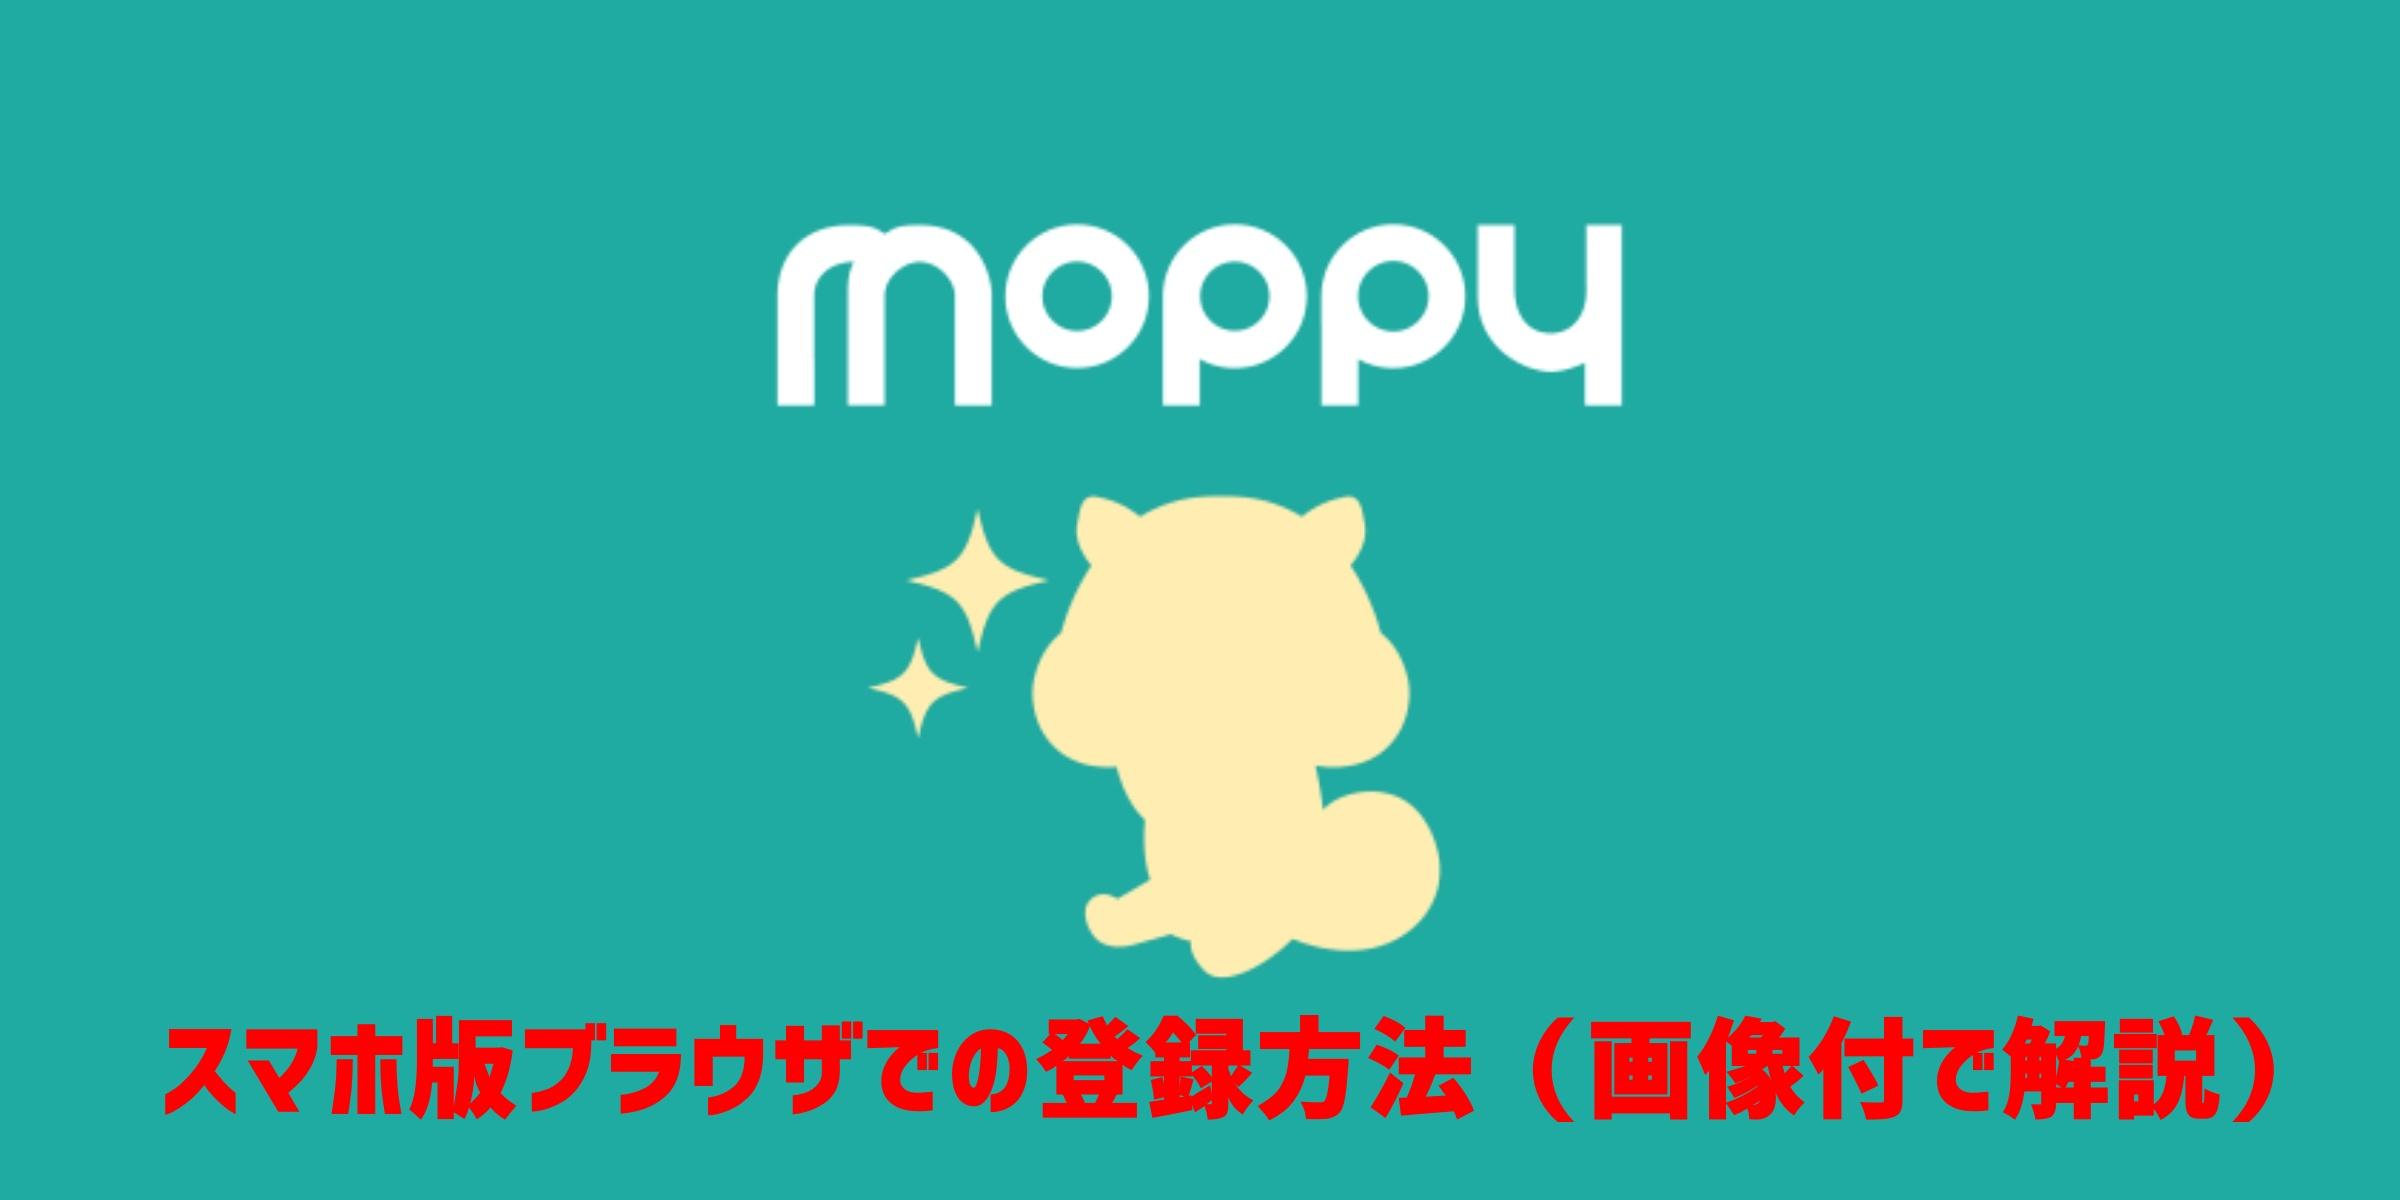 『moppy(モッピー)』スマホ版ブラウザでの登録方法!【画像付きでやさしく解説】